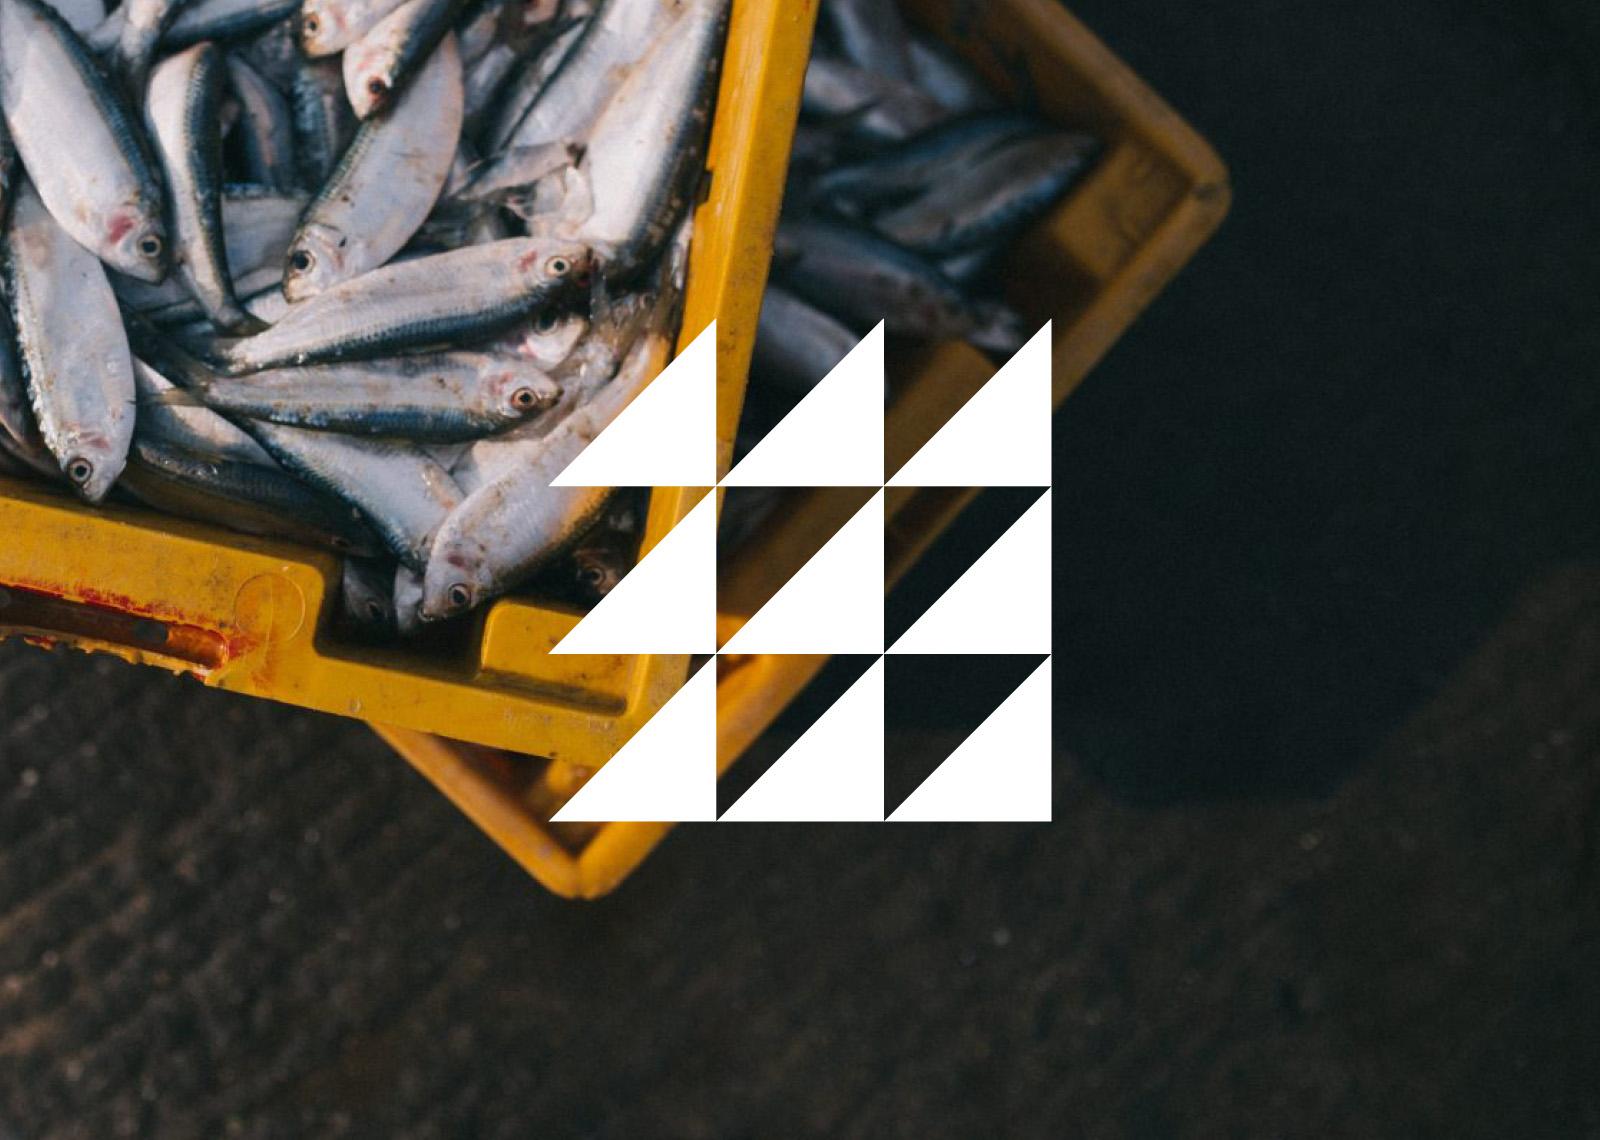 Kilkeel-Harbour-Works-Brand-And-Website-Design-Sean-Greer-Brand-And-Website-Design-Belfast-21.jpg